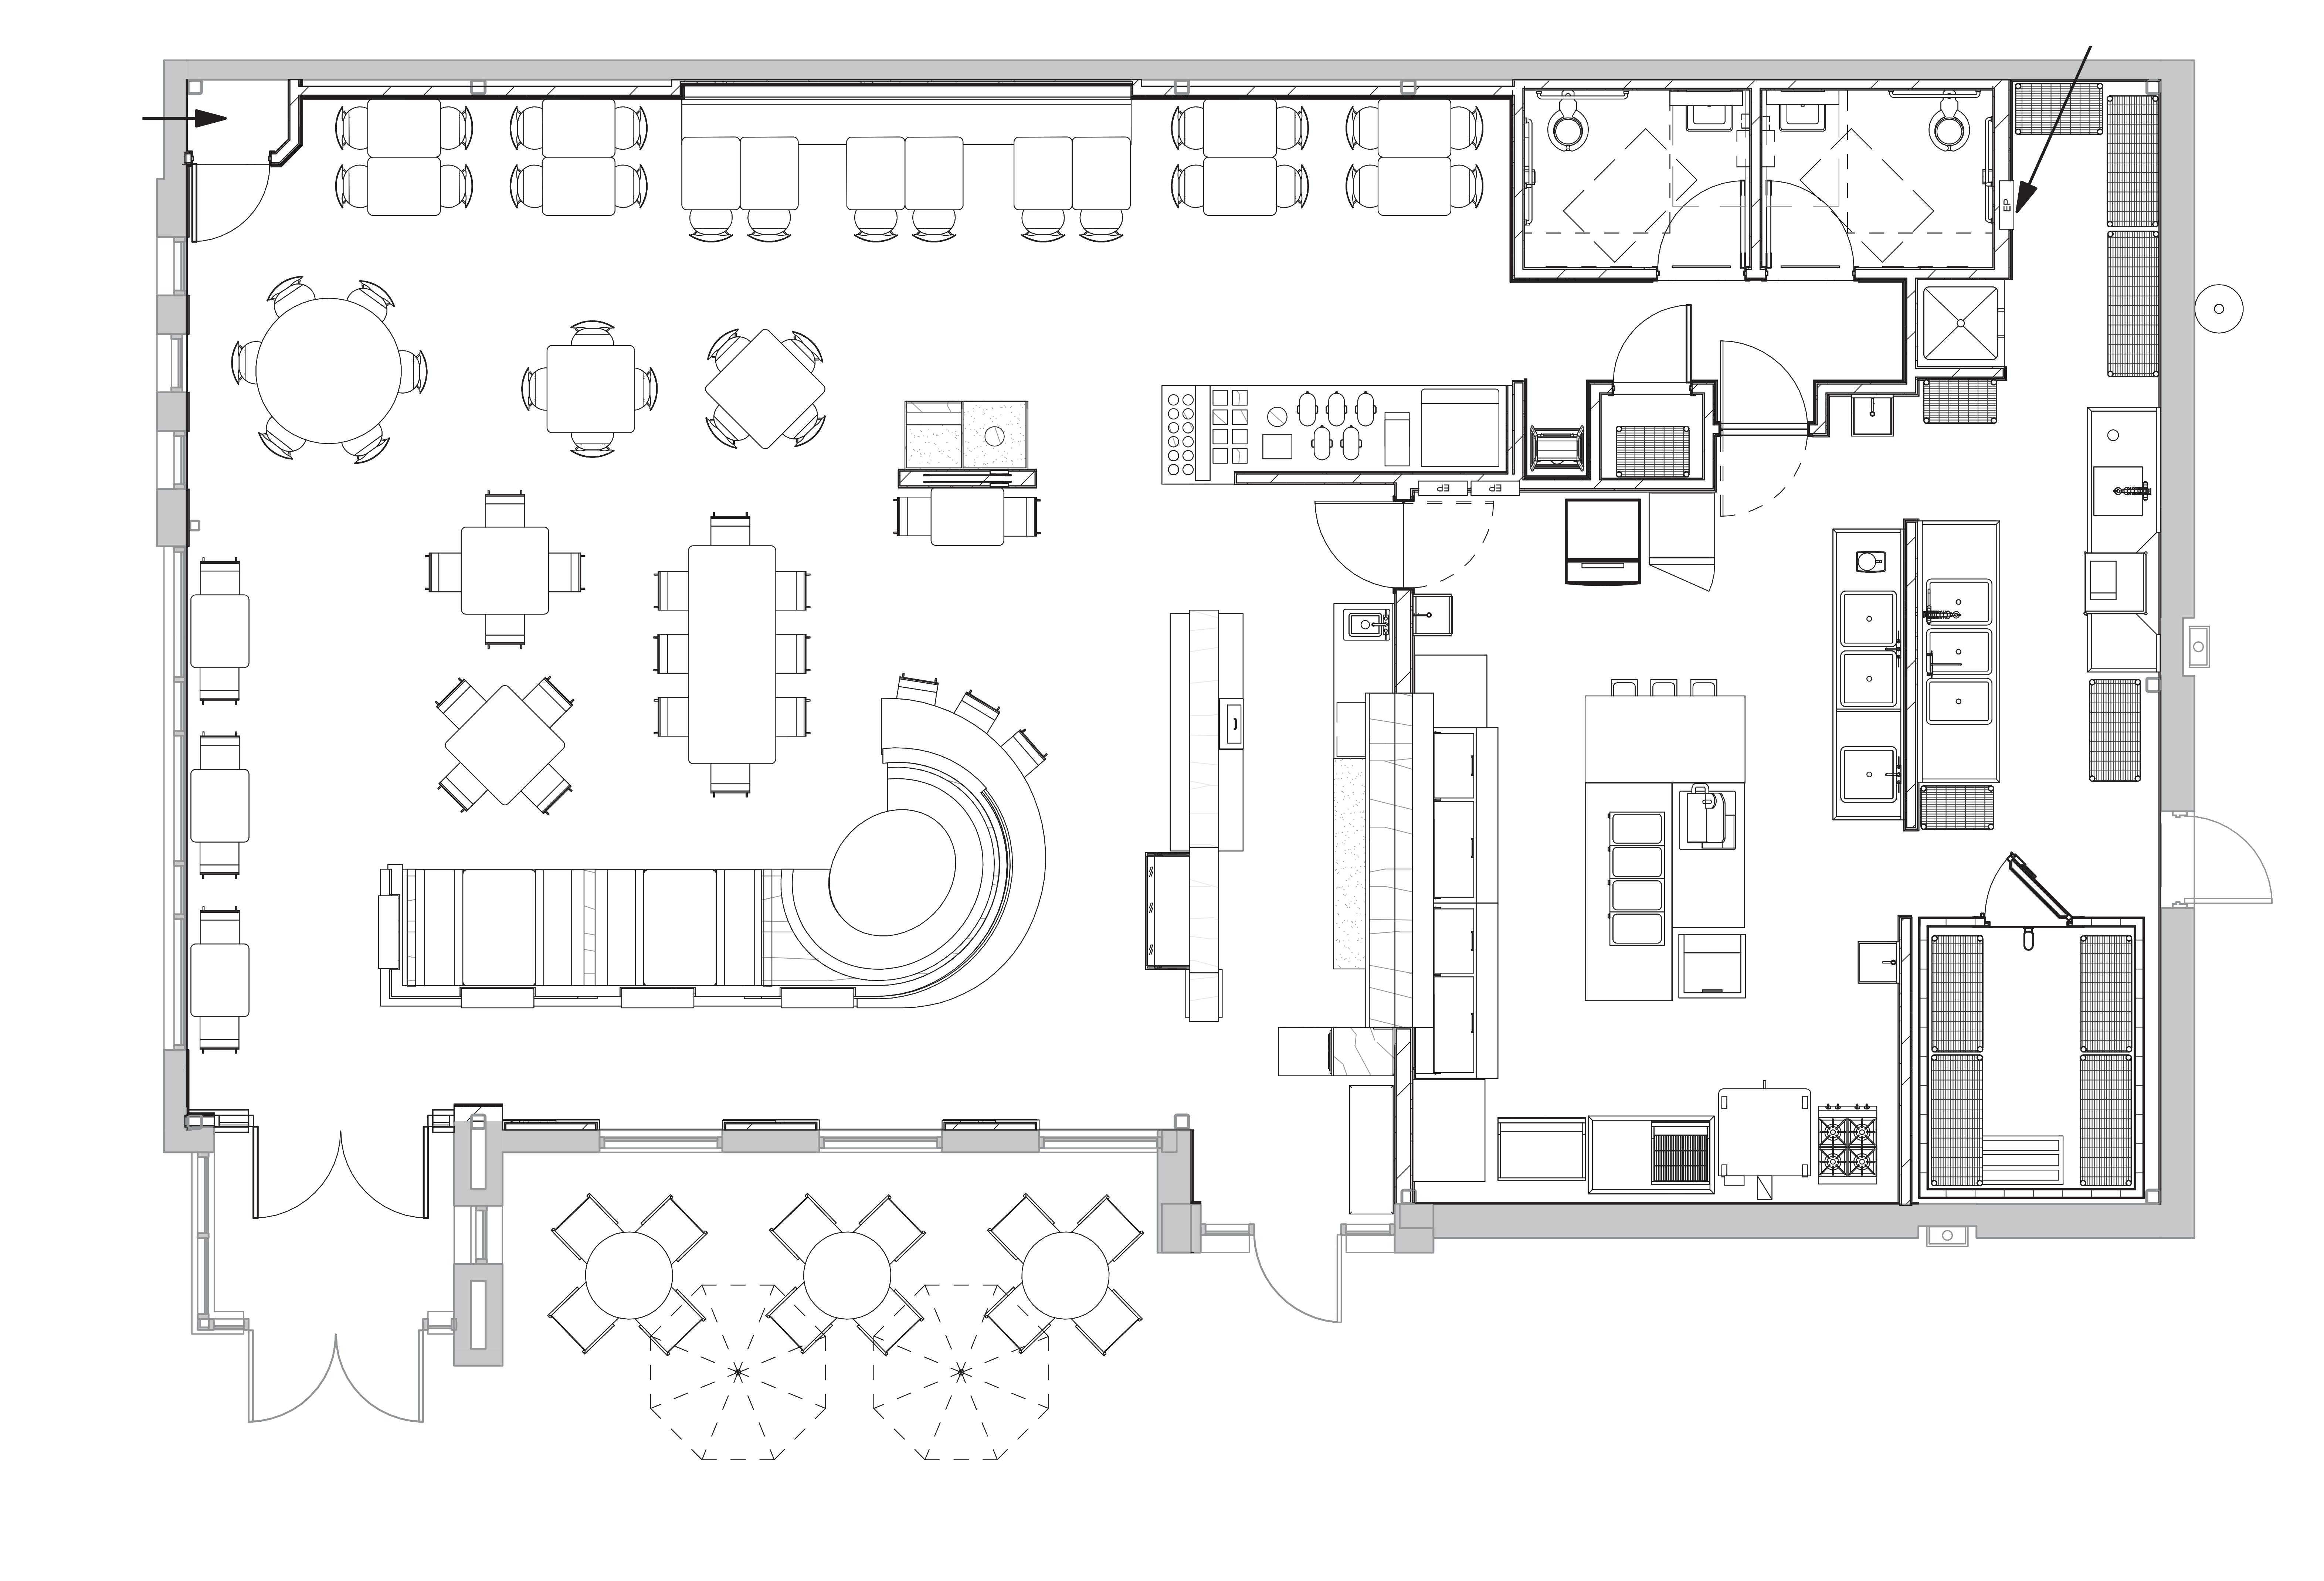 613 W Lancaster Avenue: site plan